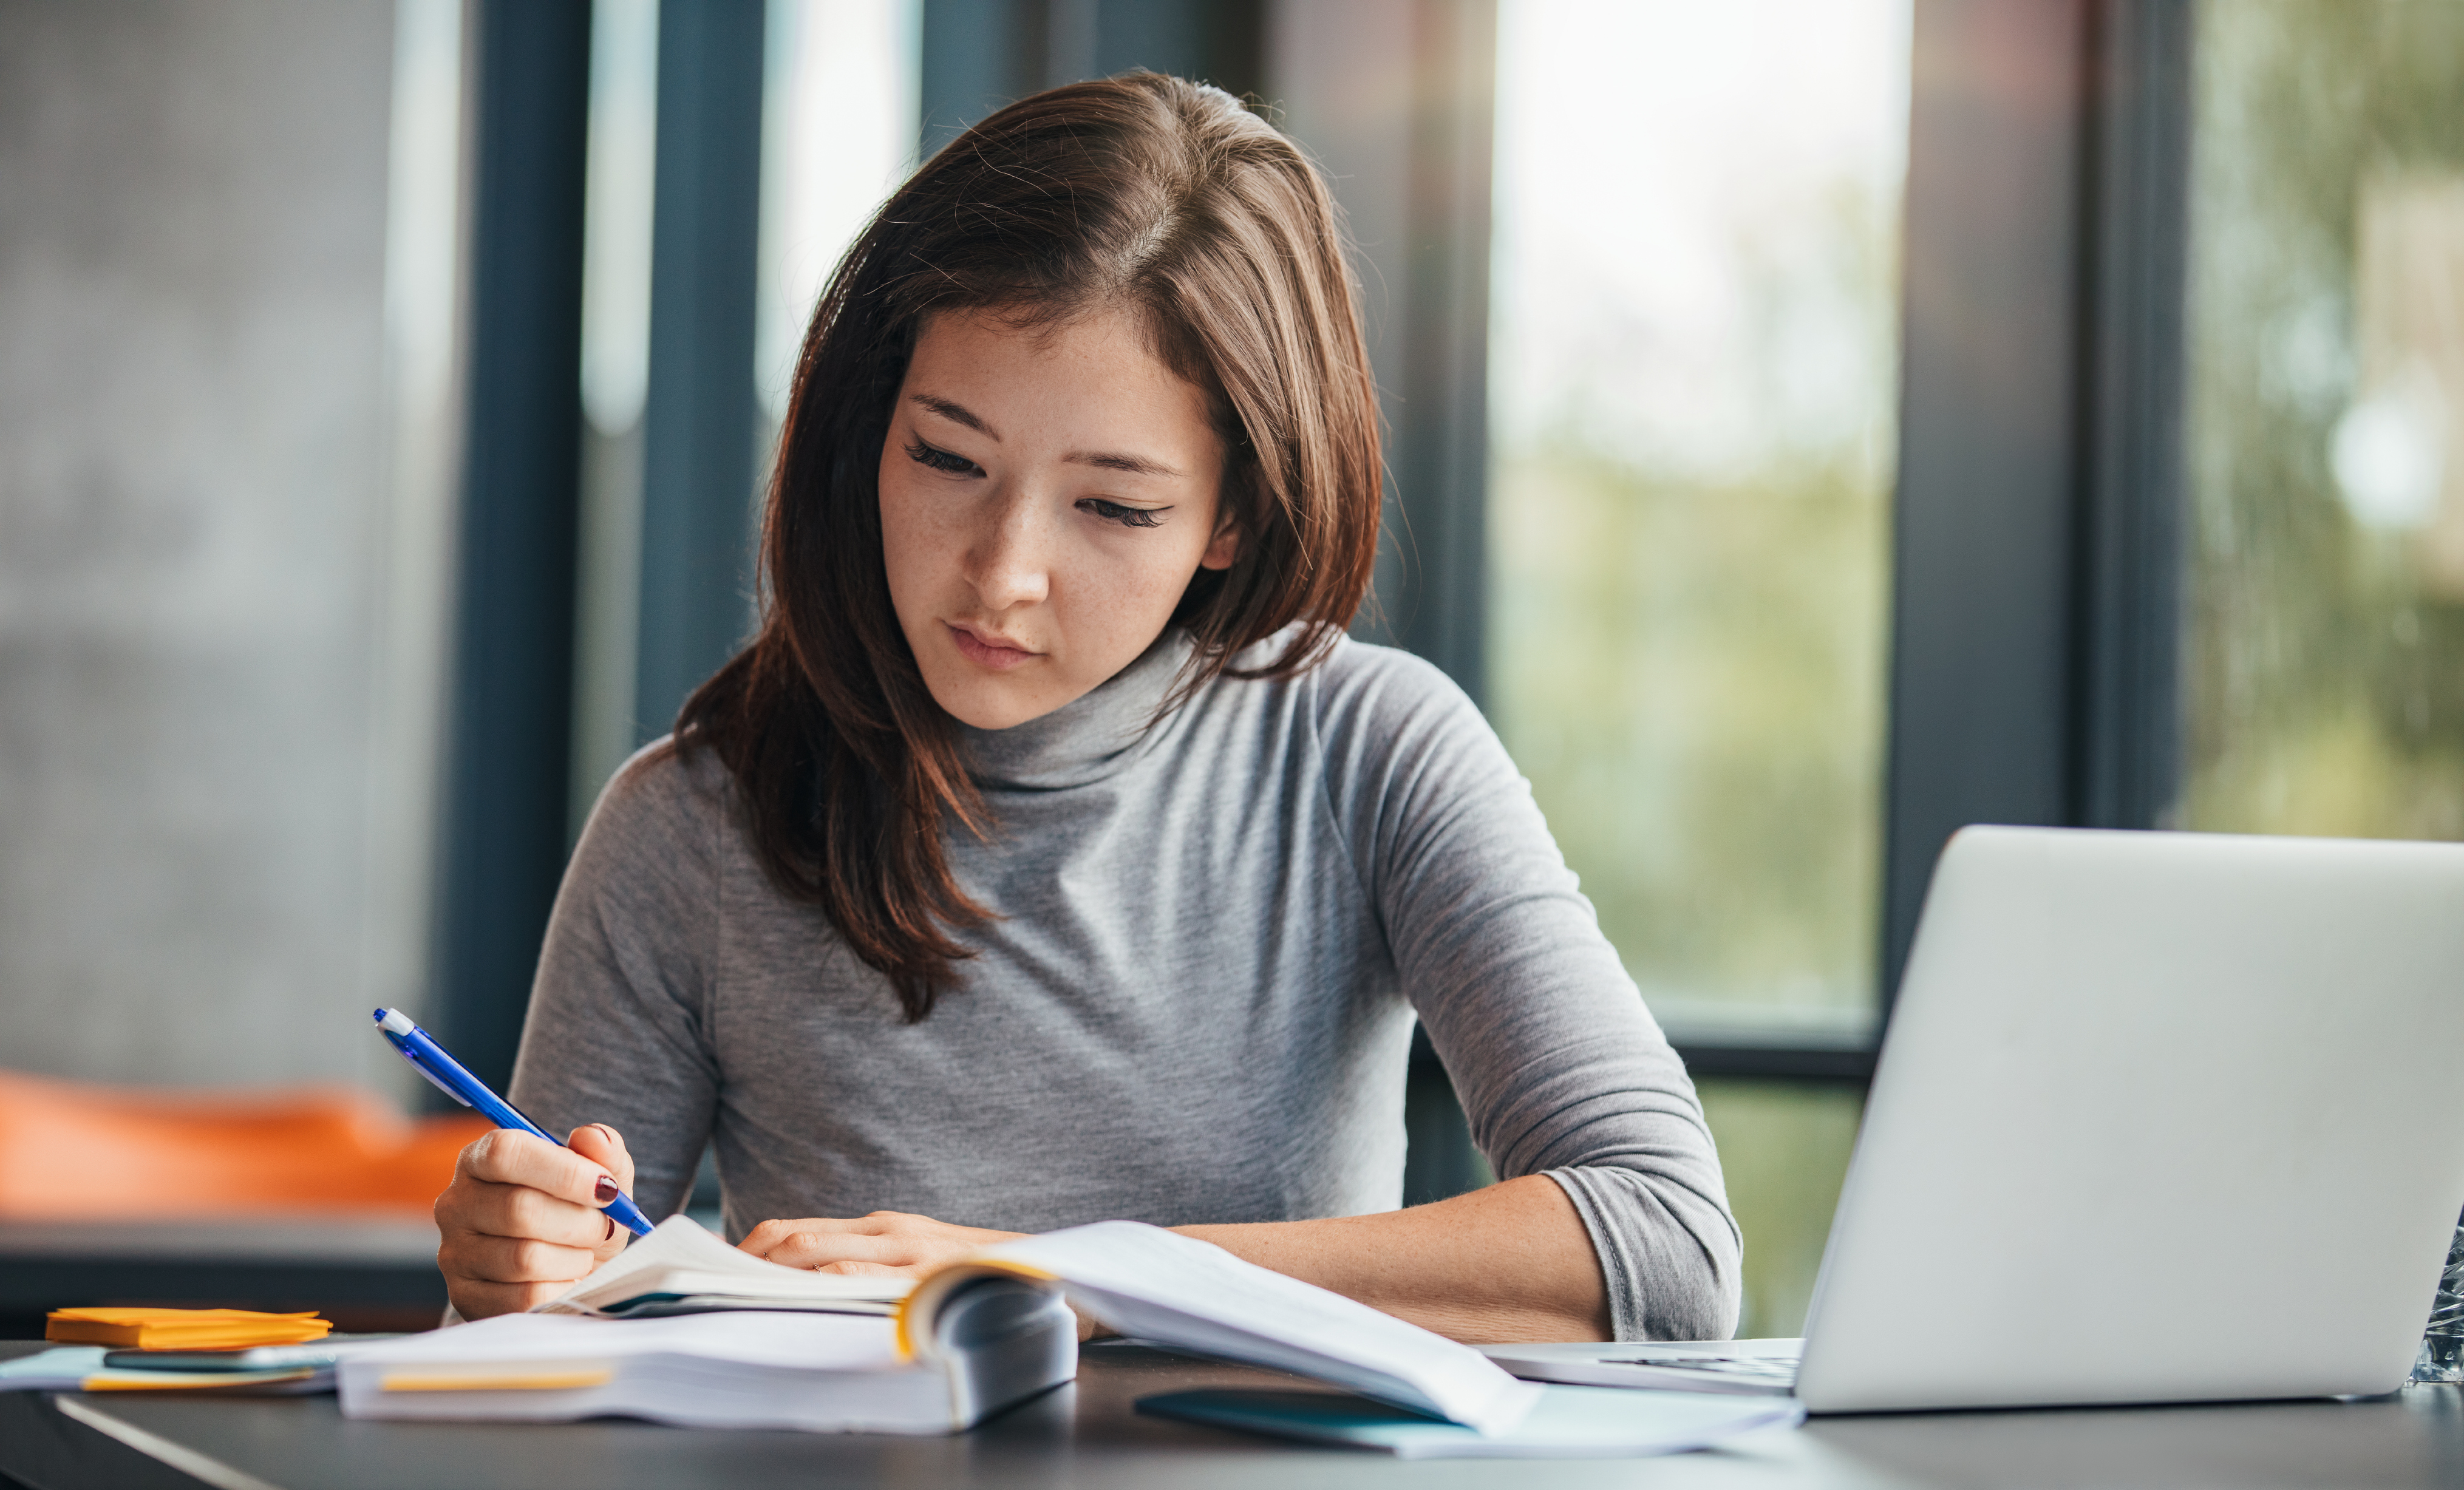 Studentin schreibt Bewerbung